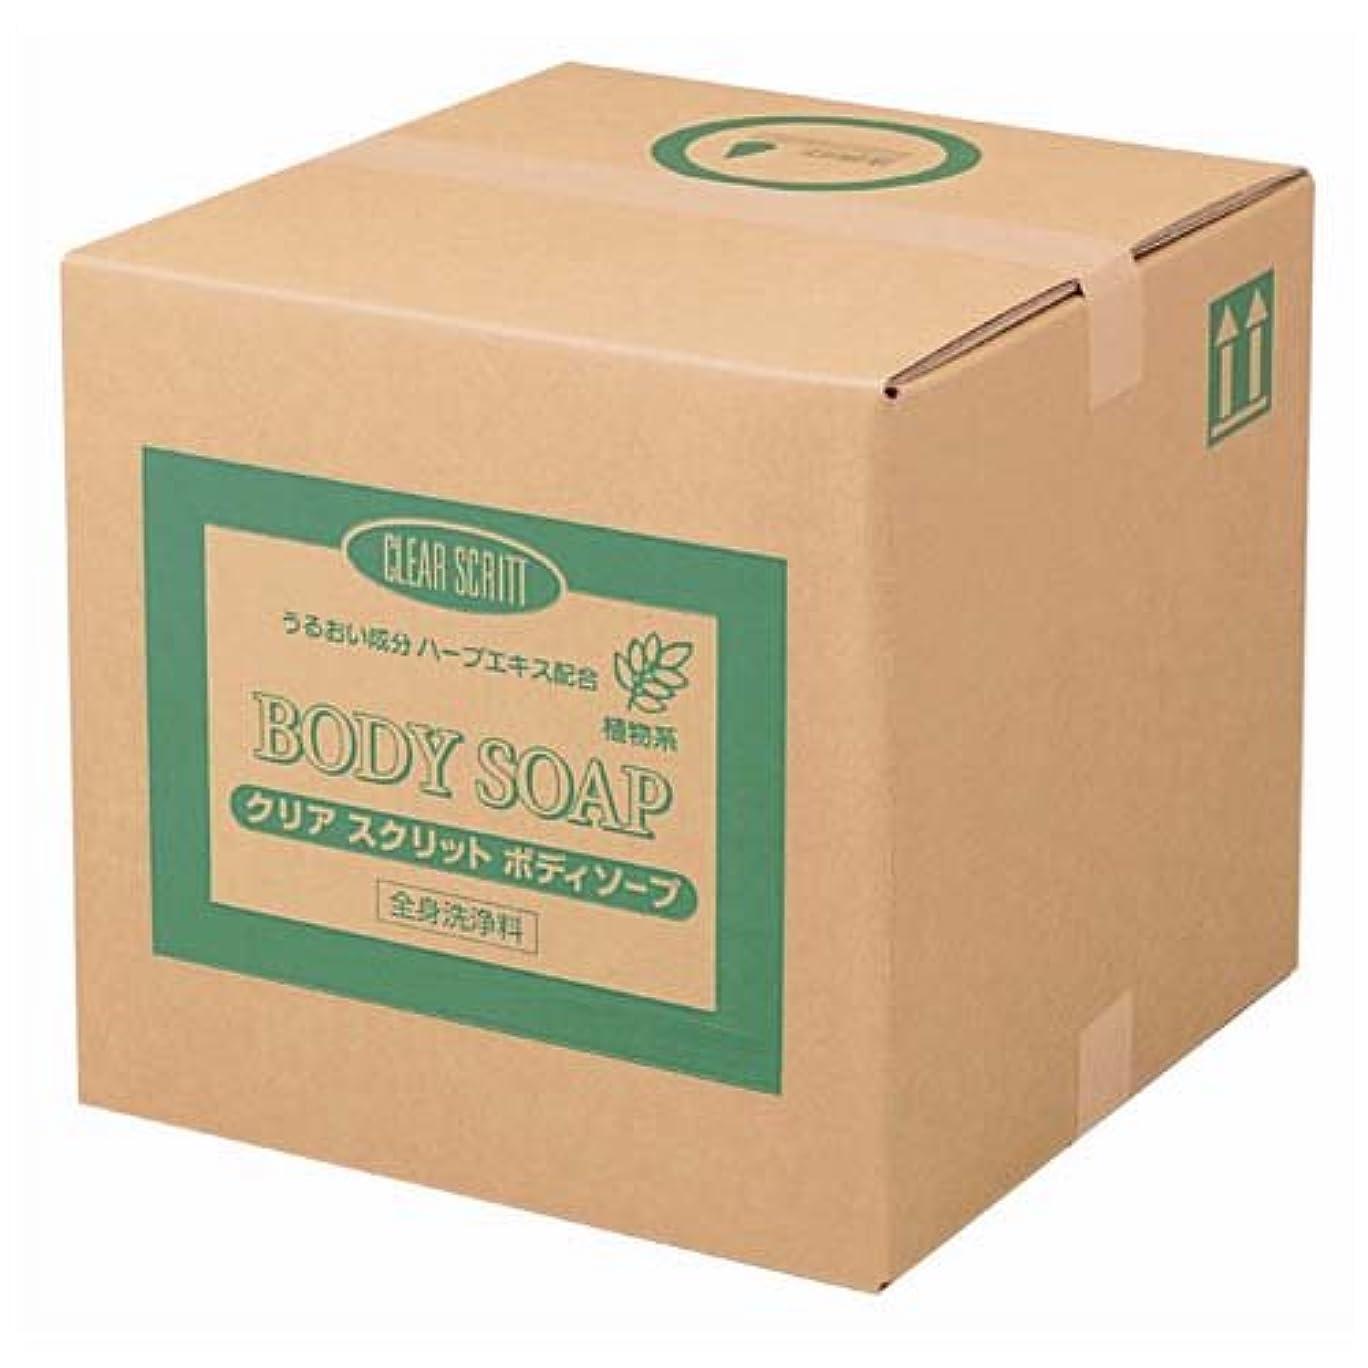 シネウィ病な食事クリアスクリットボディソープ 4355(18L)